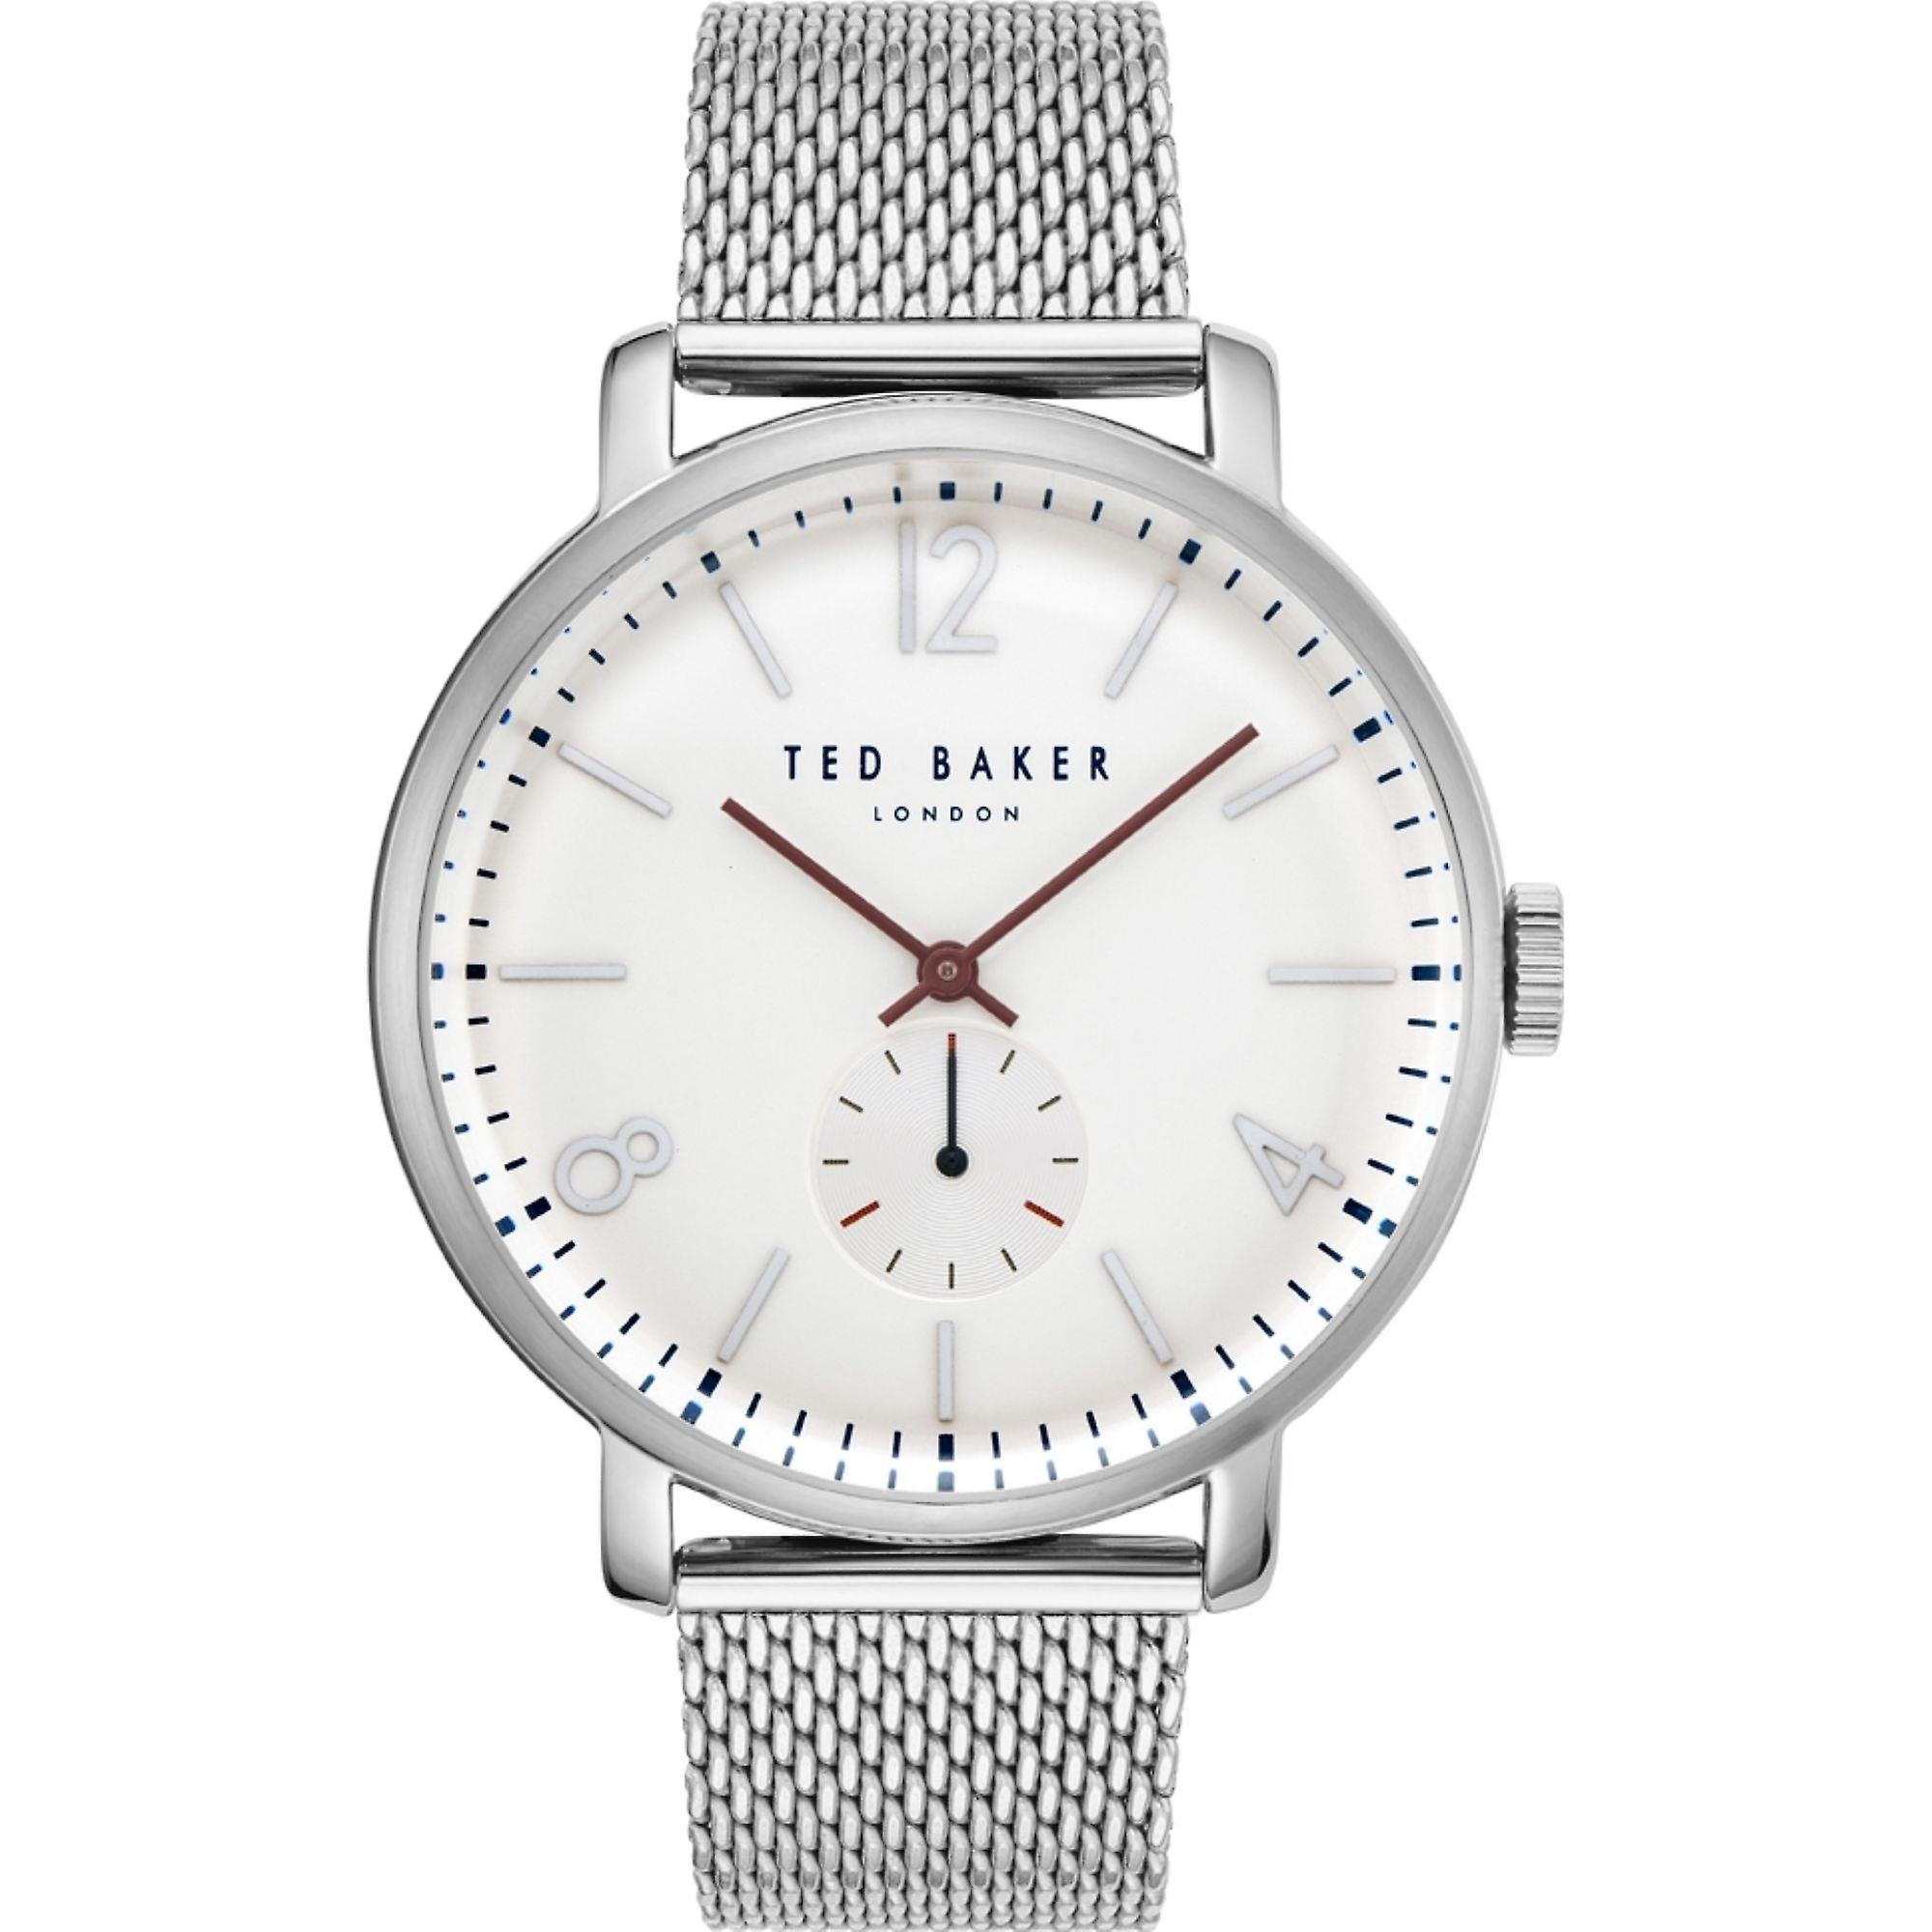 Ted Baker Oliver Quartz White Dial Silver Mesh Stainless Steel Bracelet MensWatch TE50015011